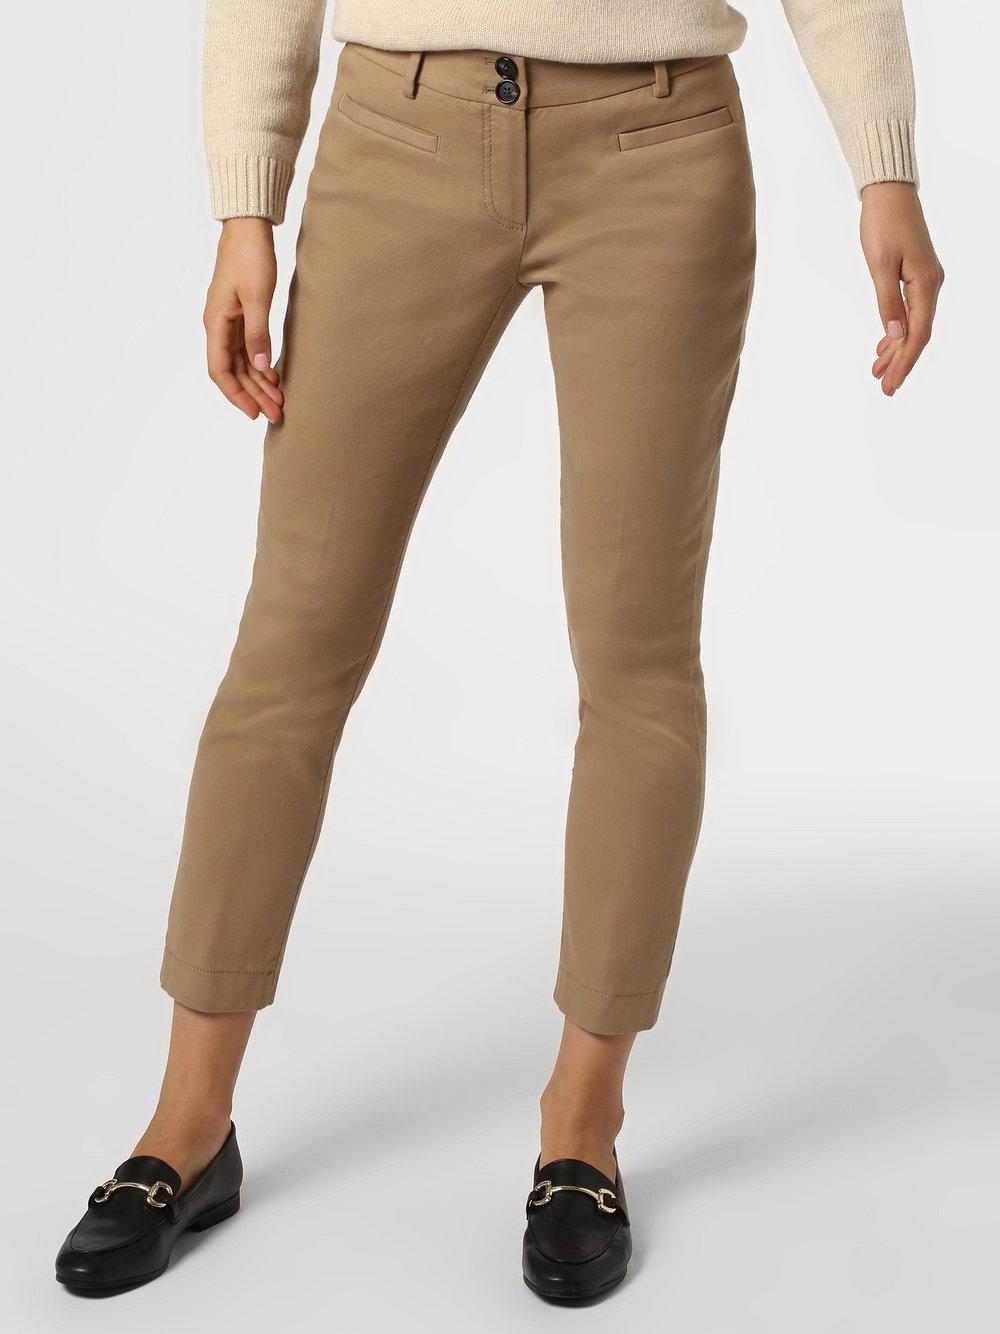 IPURI – Spodnie damskie – Bella, beżowy Van Graaf 453694-0001-00380